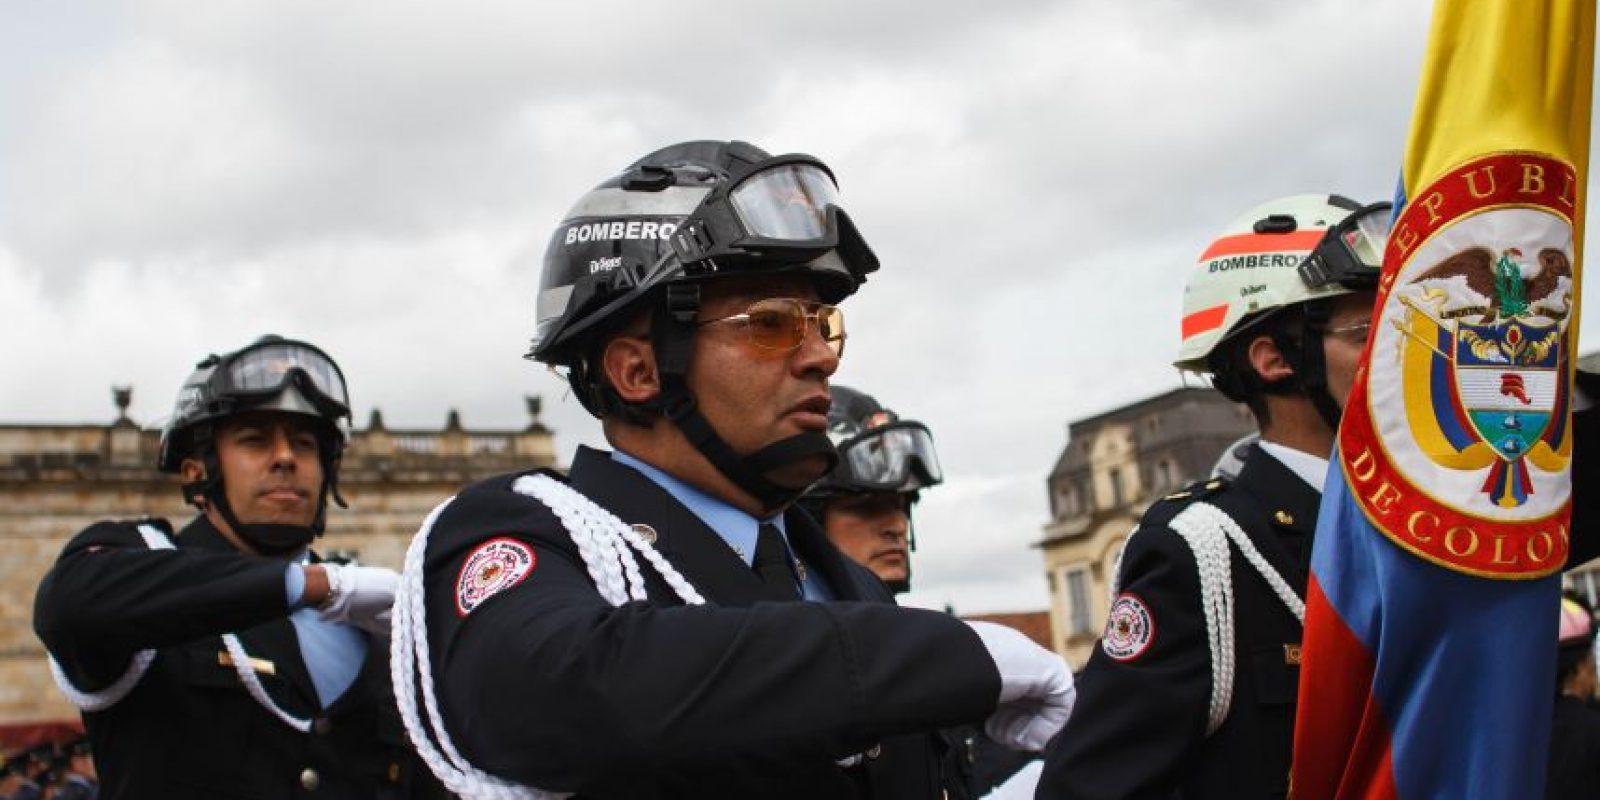 Salvando vidas y protegiendo ciudadanos desde 1895, la historia de esta entidad está ligada a la de la ciudad. Foto:Juan Pablo Pino / Publimetro